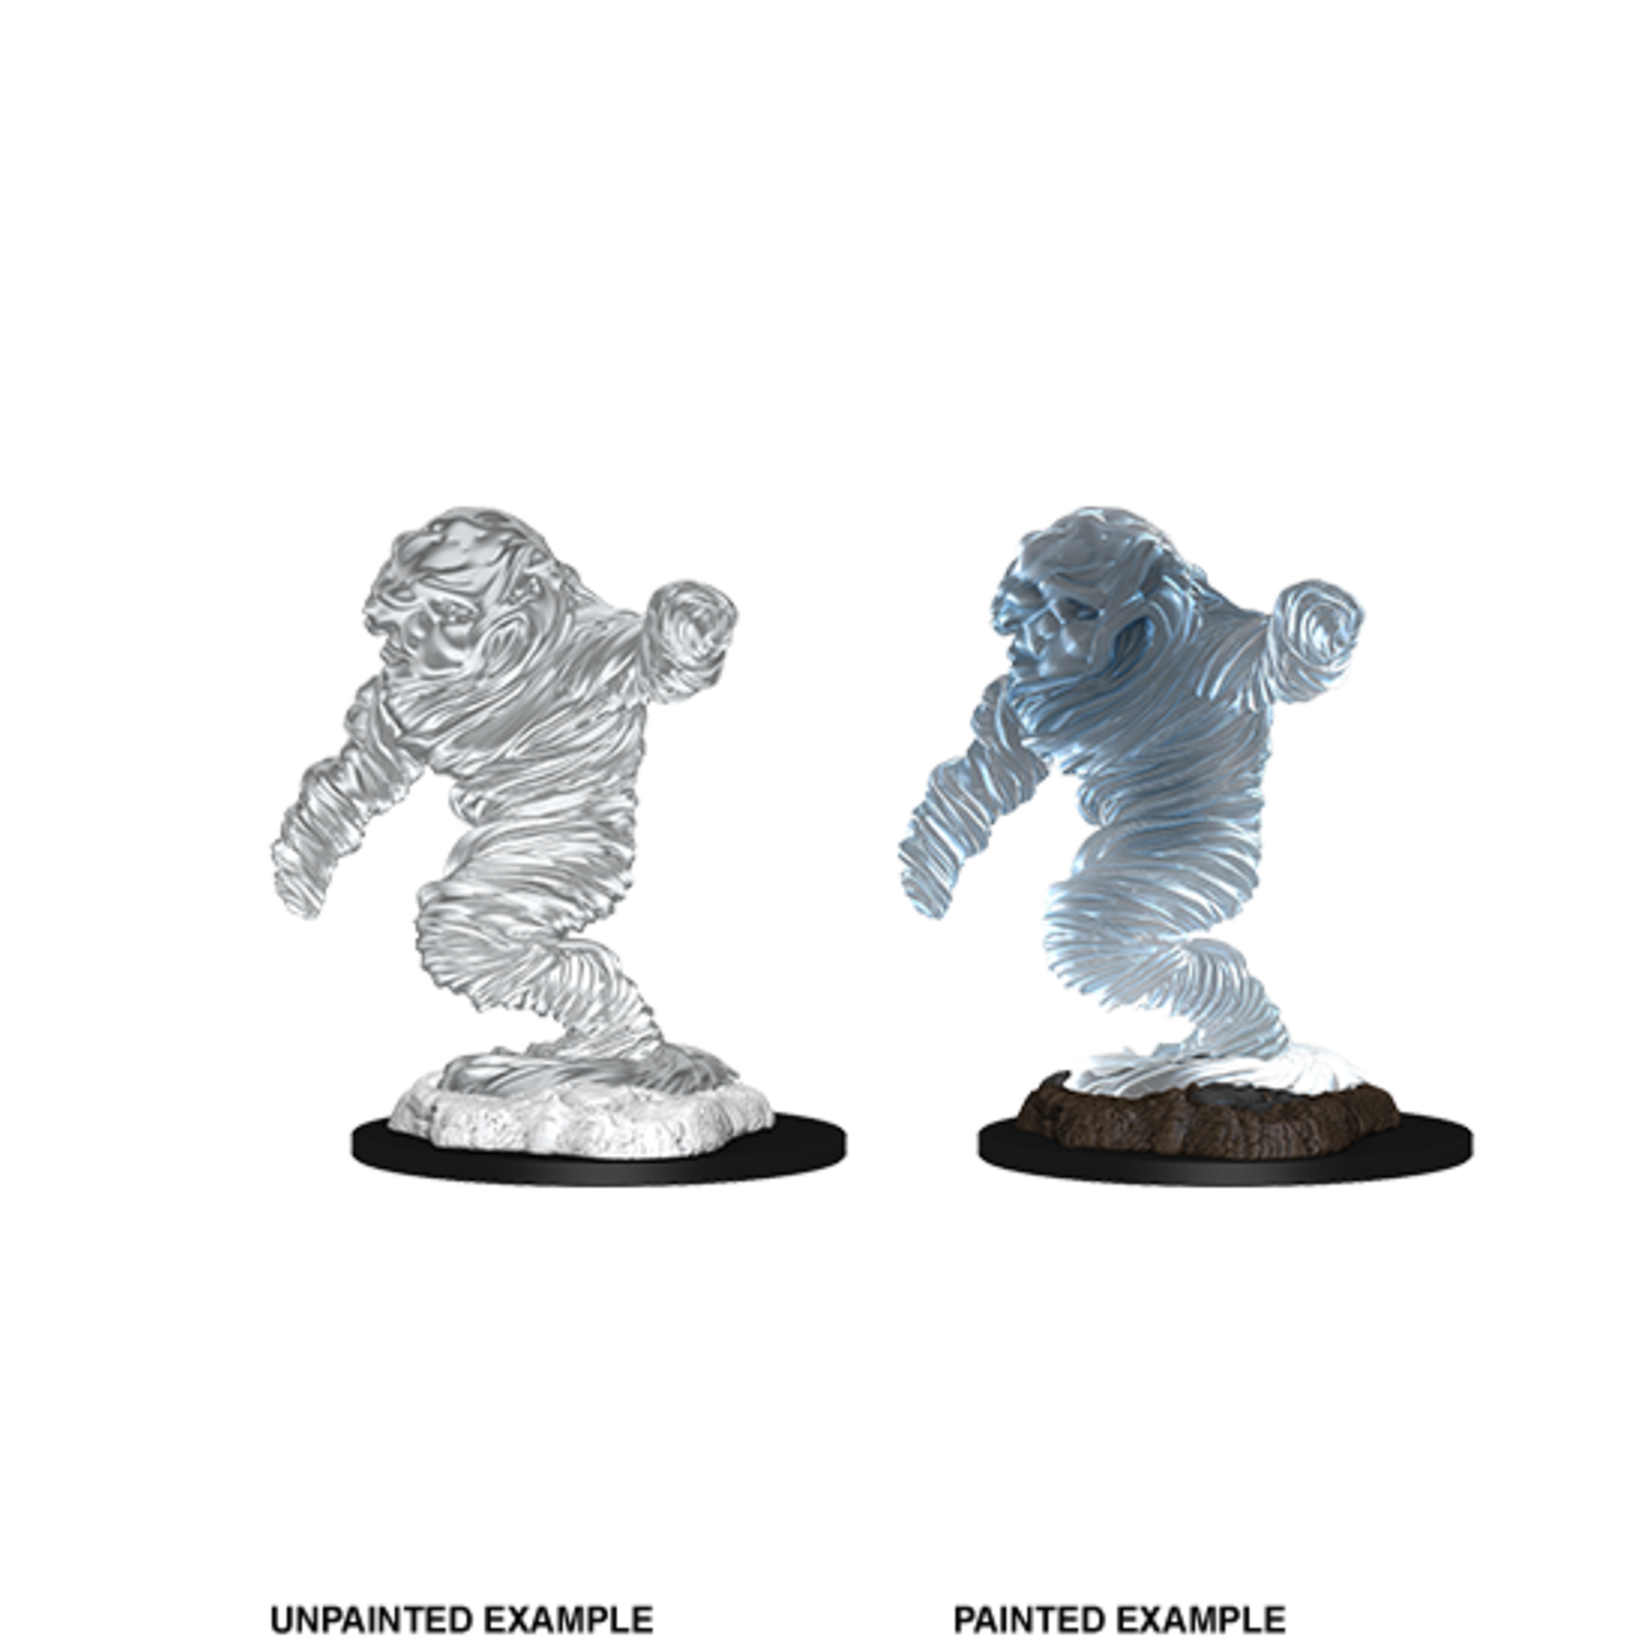 WizKids D&D Nolzur's Marvelous Miniatures: Air Elemental (W10)